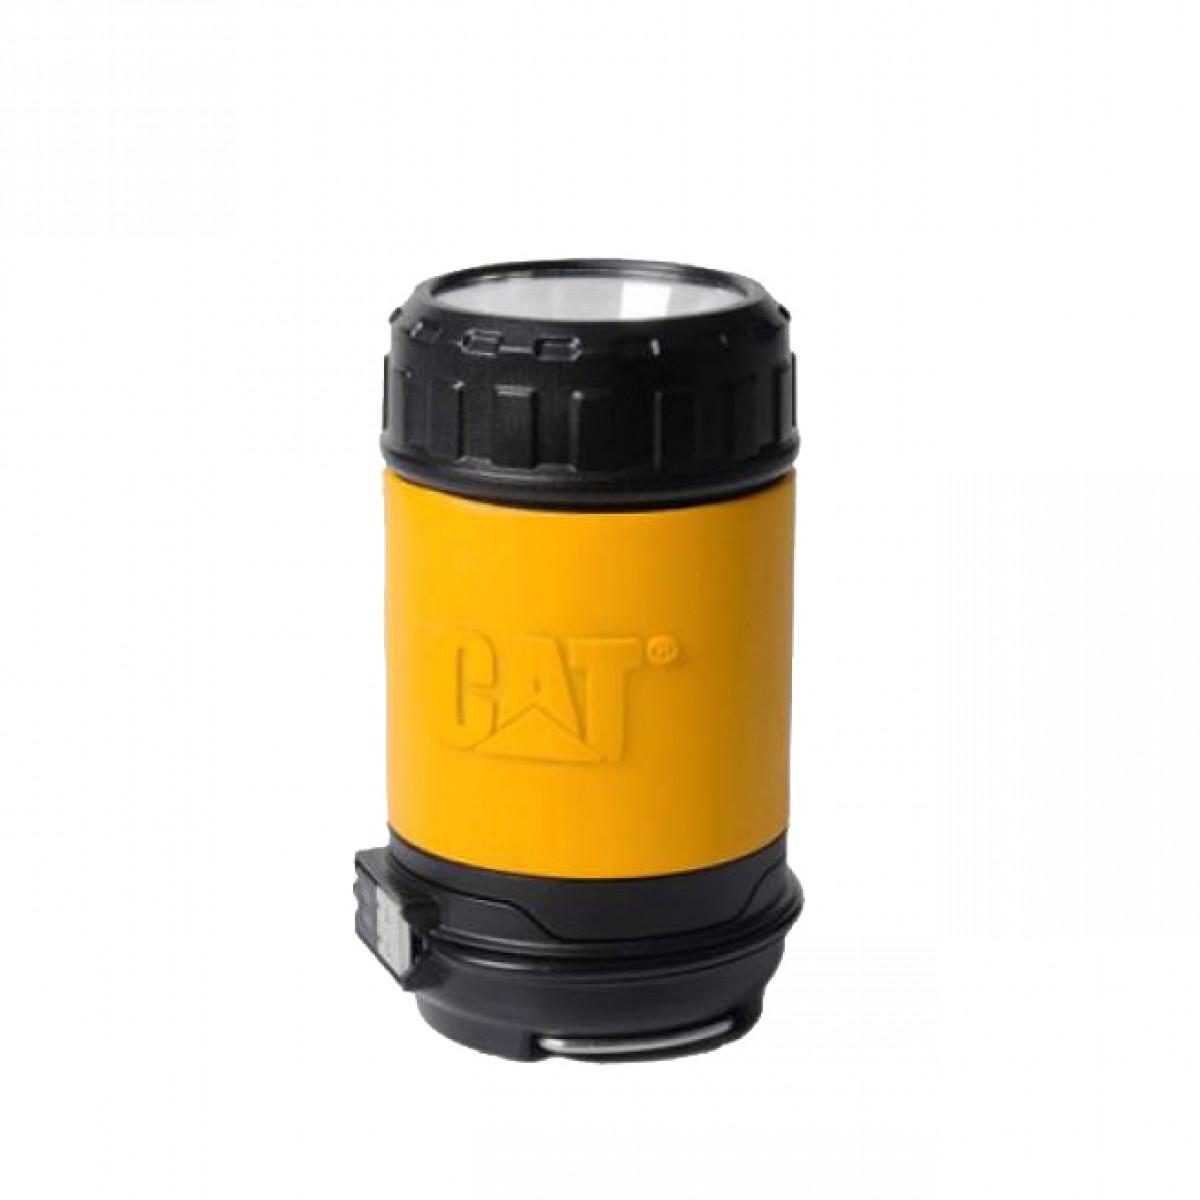 Φακός πολλαπλών χρήσεων επαναφορτιζόμενος διπλός 115&225 Lumens CT6515 CAT Lights